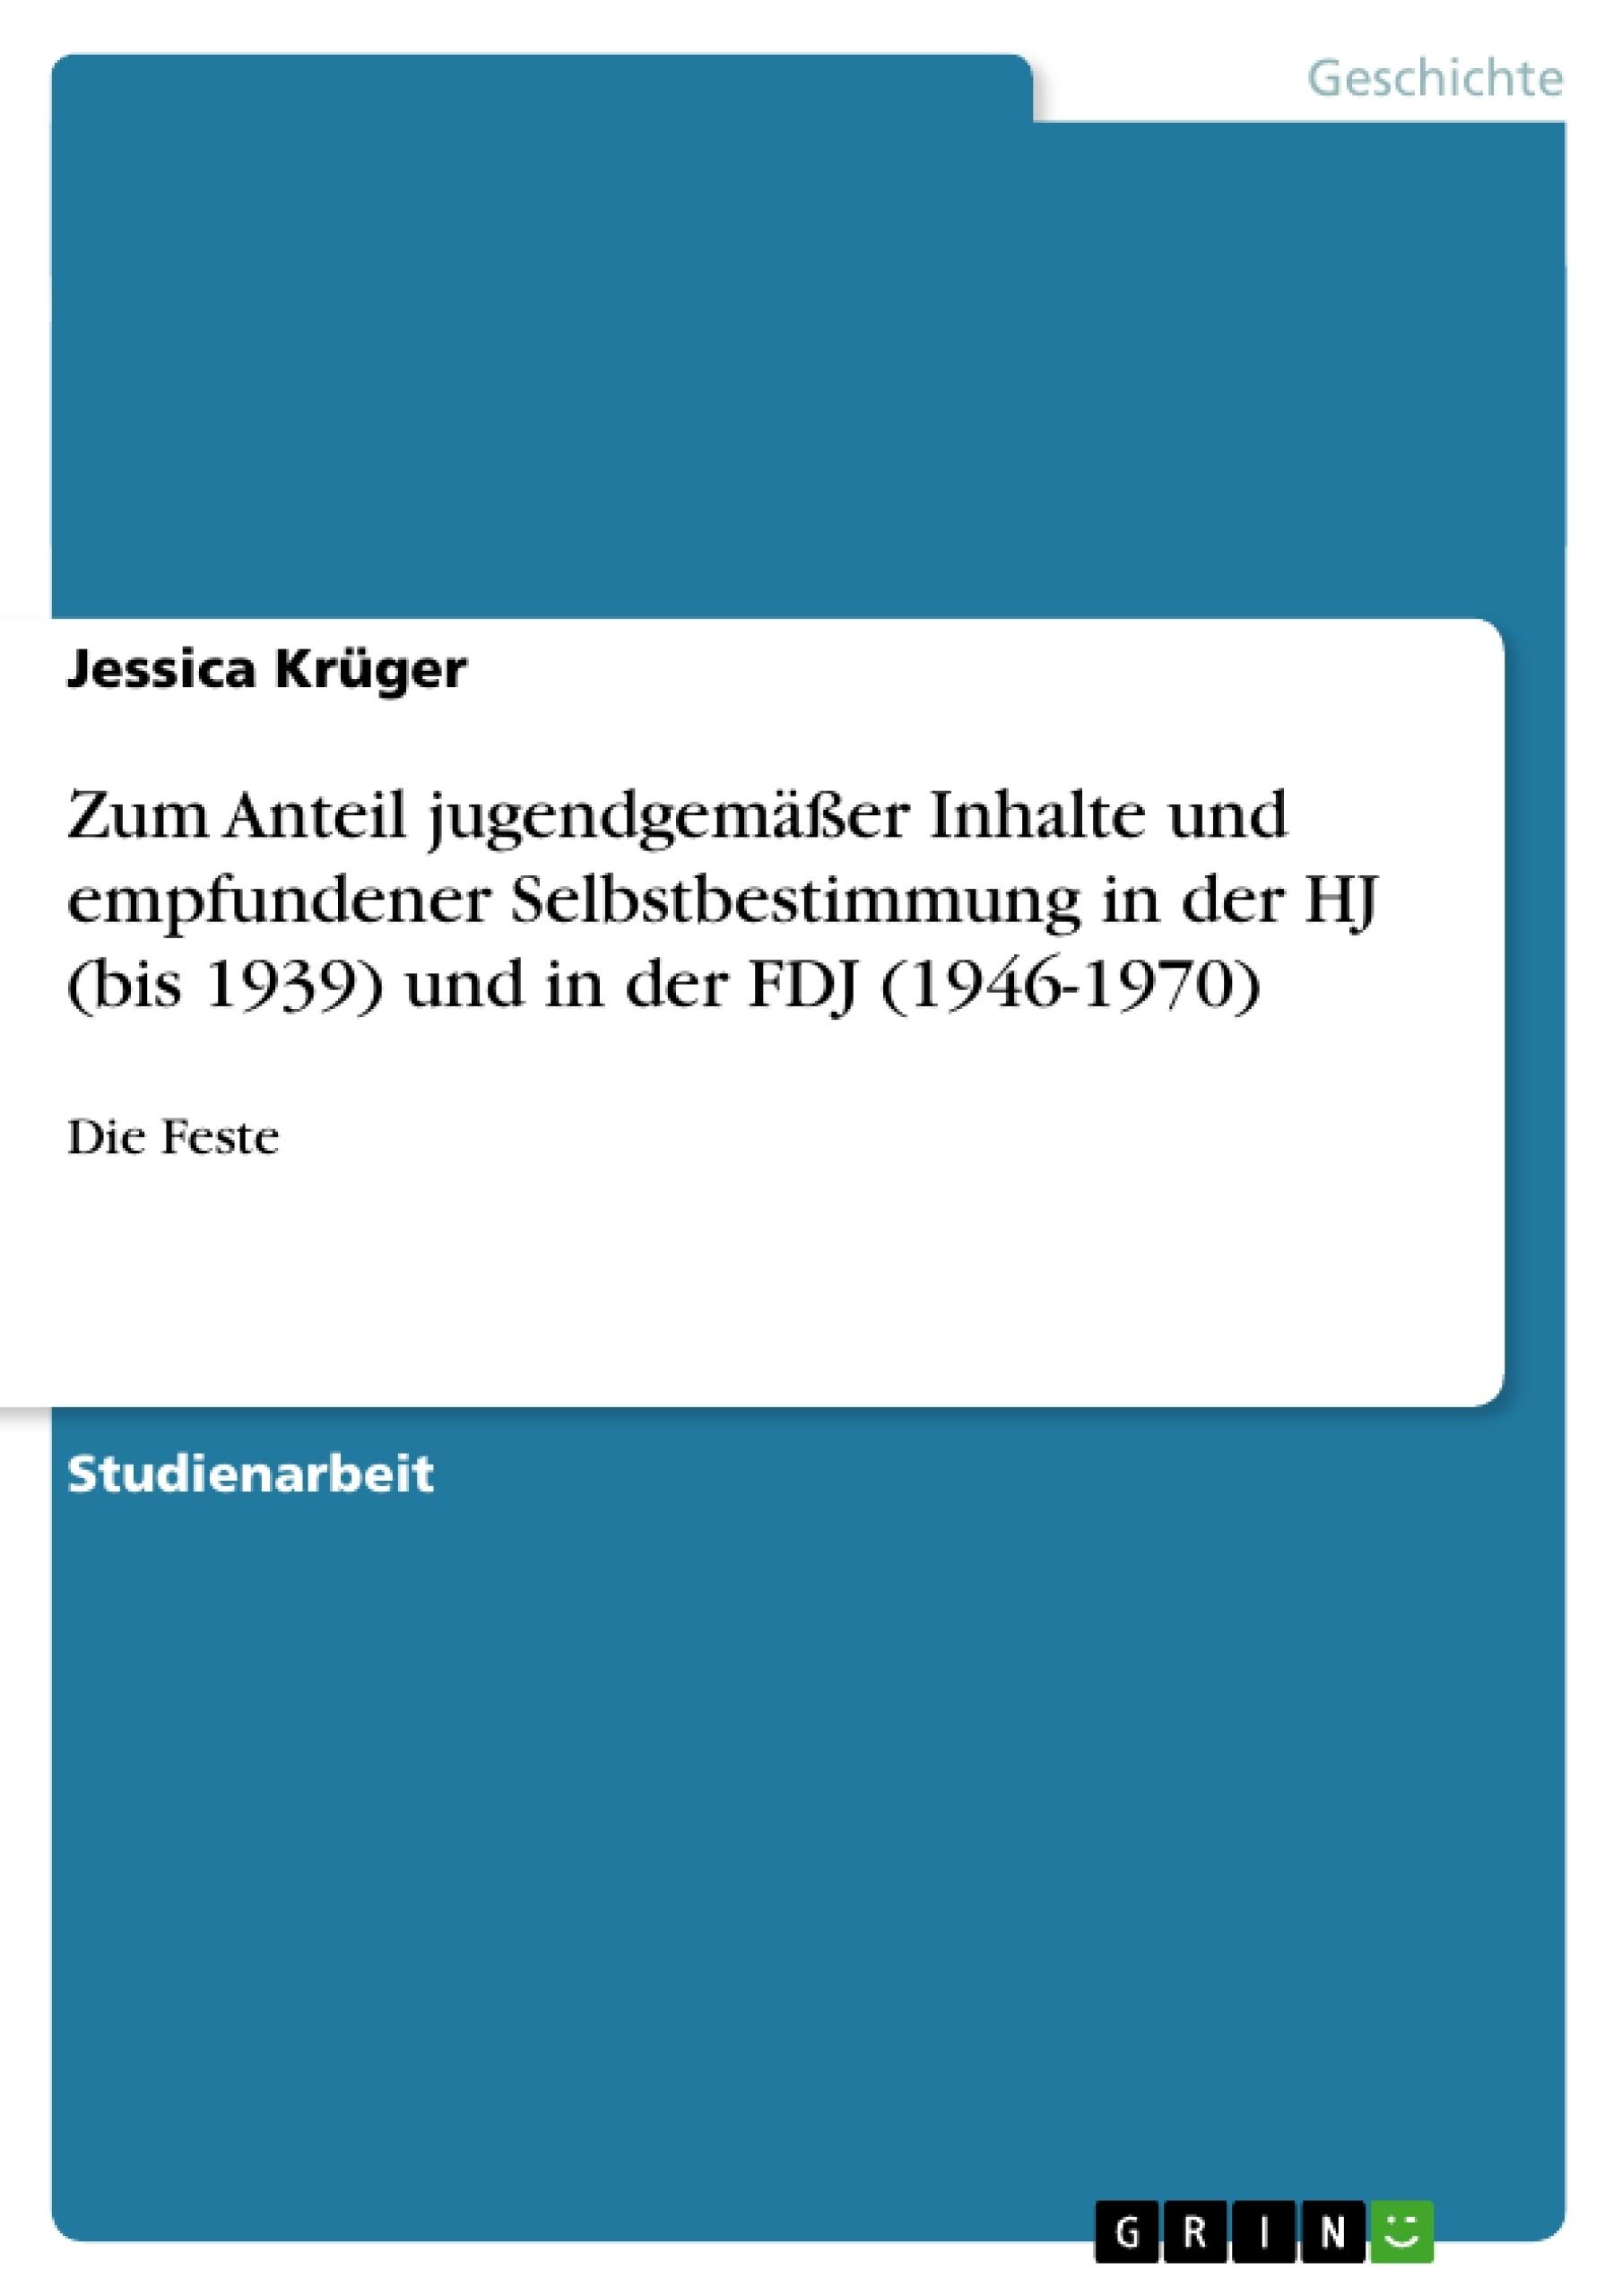 Titel: Zum Anteil jugendgemäßer Inhalte und empfundener Selbstbestimmung in der HJ (bis 1939) und in der FDJ (1946-1970)